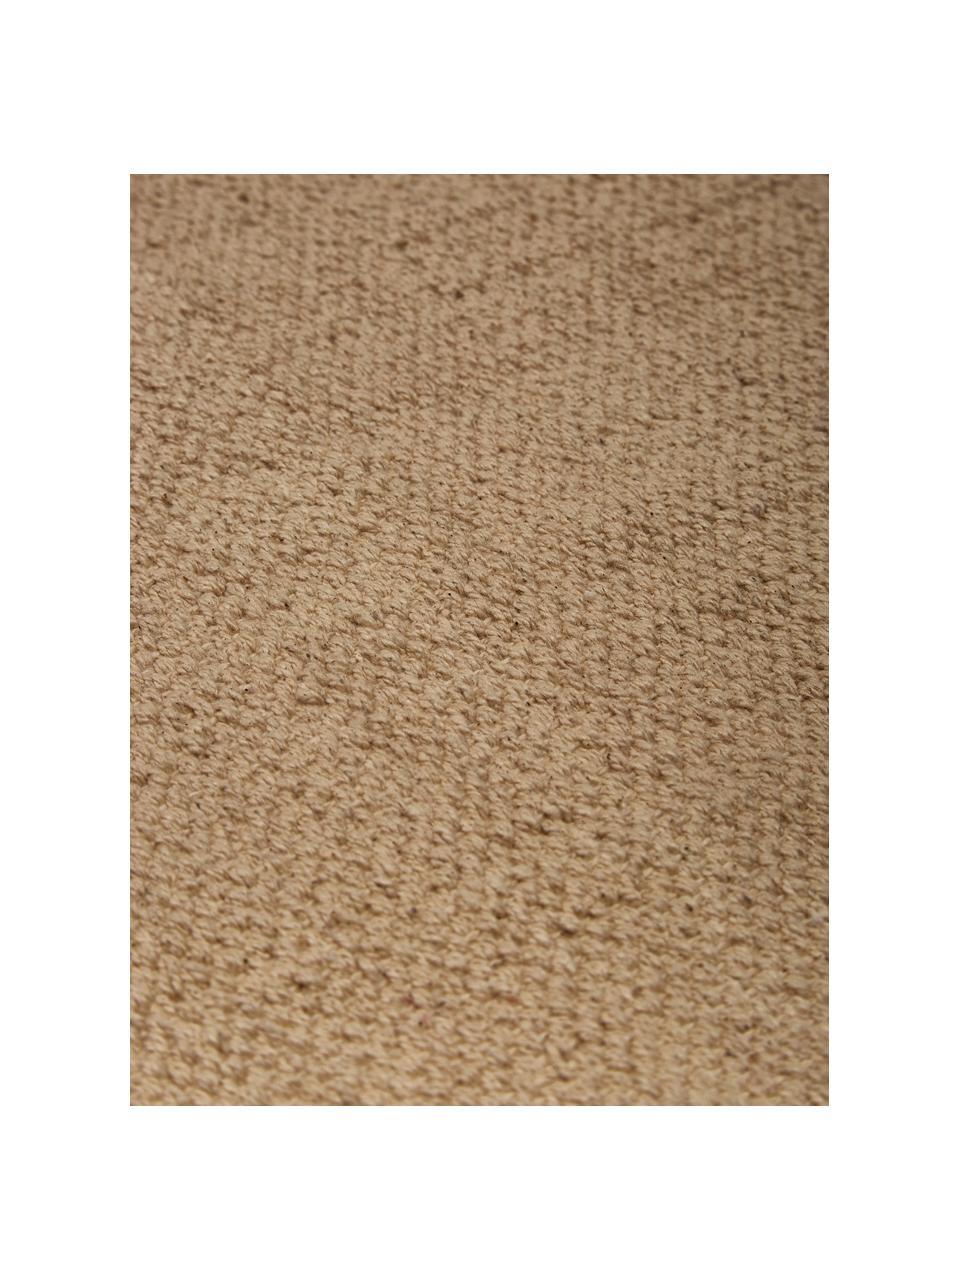 Ręcznie tkany dywan z bawełny Agneta, 100% bawełna, Beżowy, S 200 x D 300 cm (Rozmiar L)